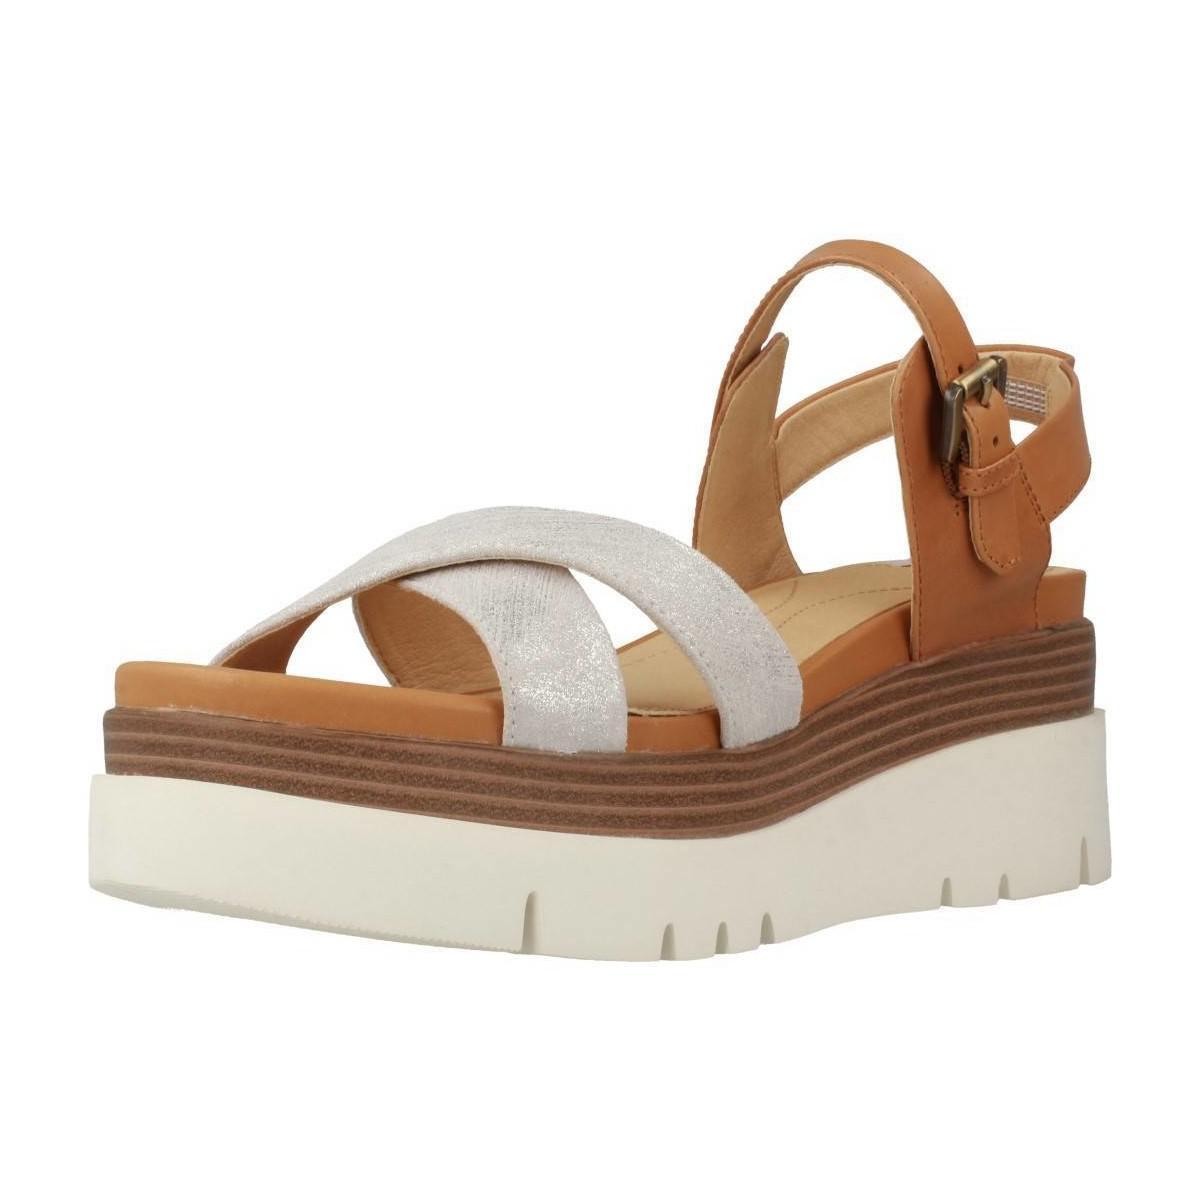 Geox D Radwa Women s Sandals In Brown in Brown - Lyst 2090daaefa3